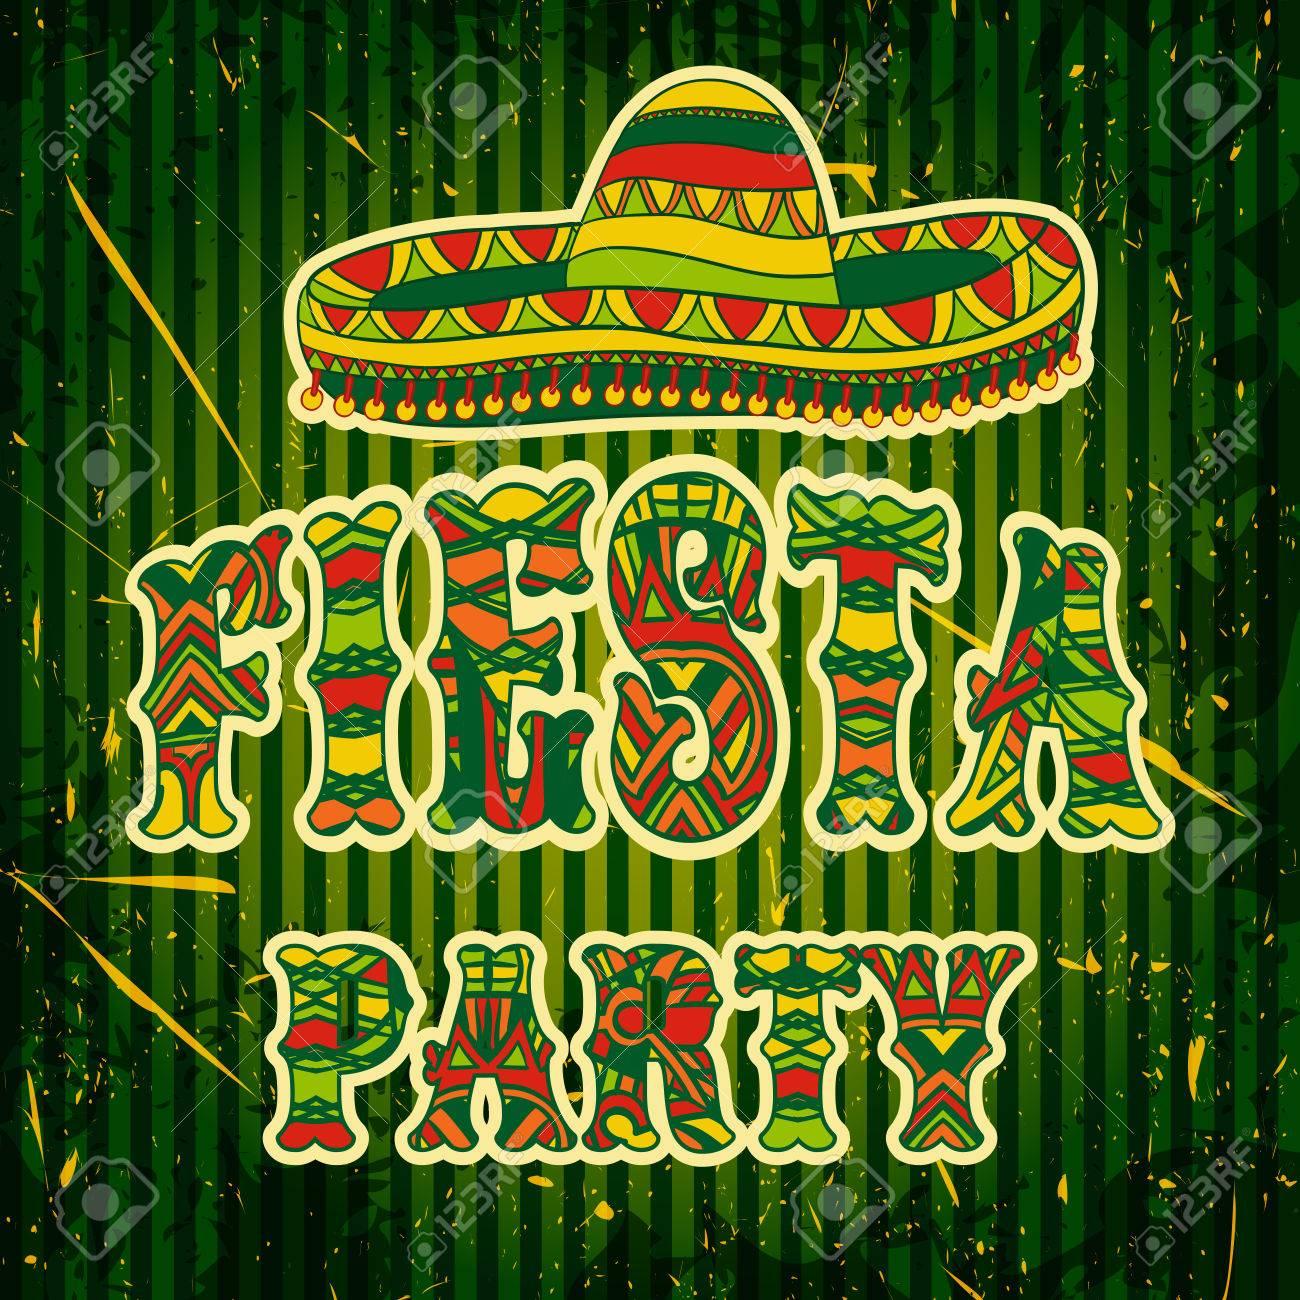 Invitación Del Partido De La Fiesta Mexicana Con Sombrero Y Colorido Título Adornado Tribal étnica Dibujado A Mano Ilustración Del Cartel Con El